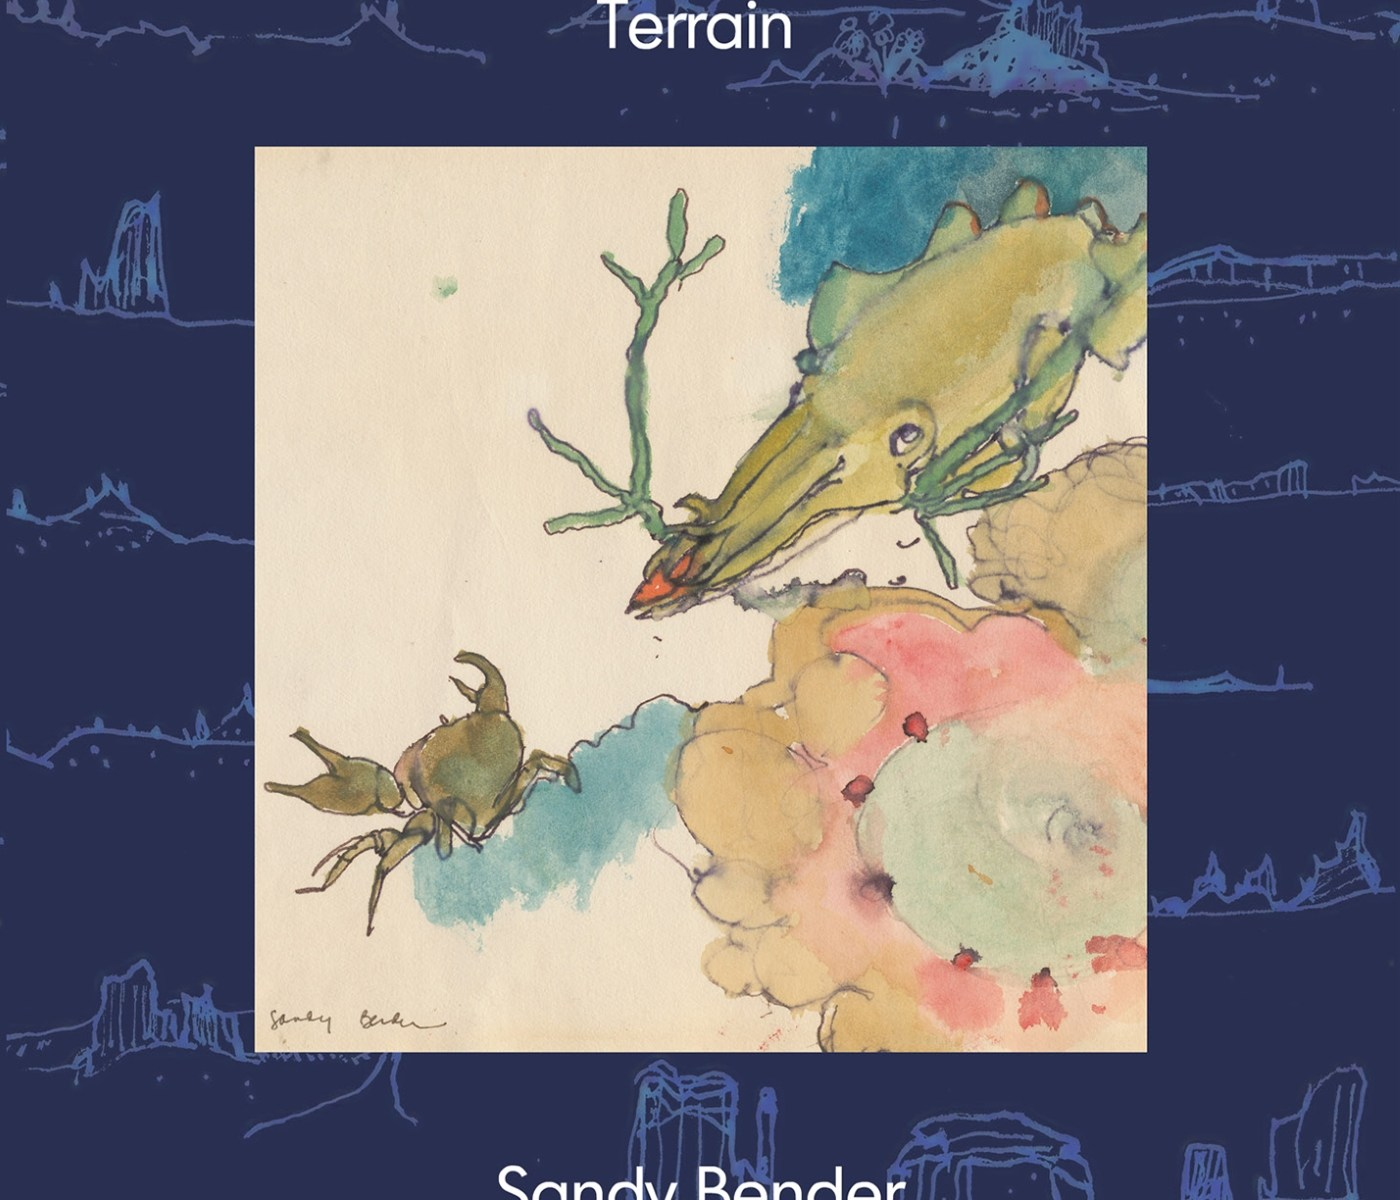 Album art for Terrain by Sandy Bender